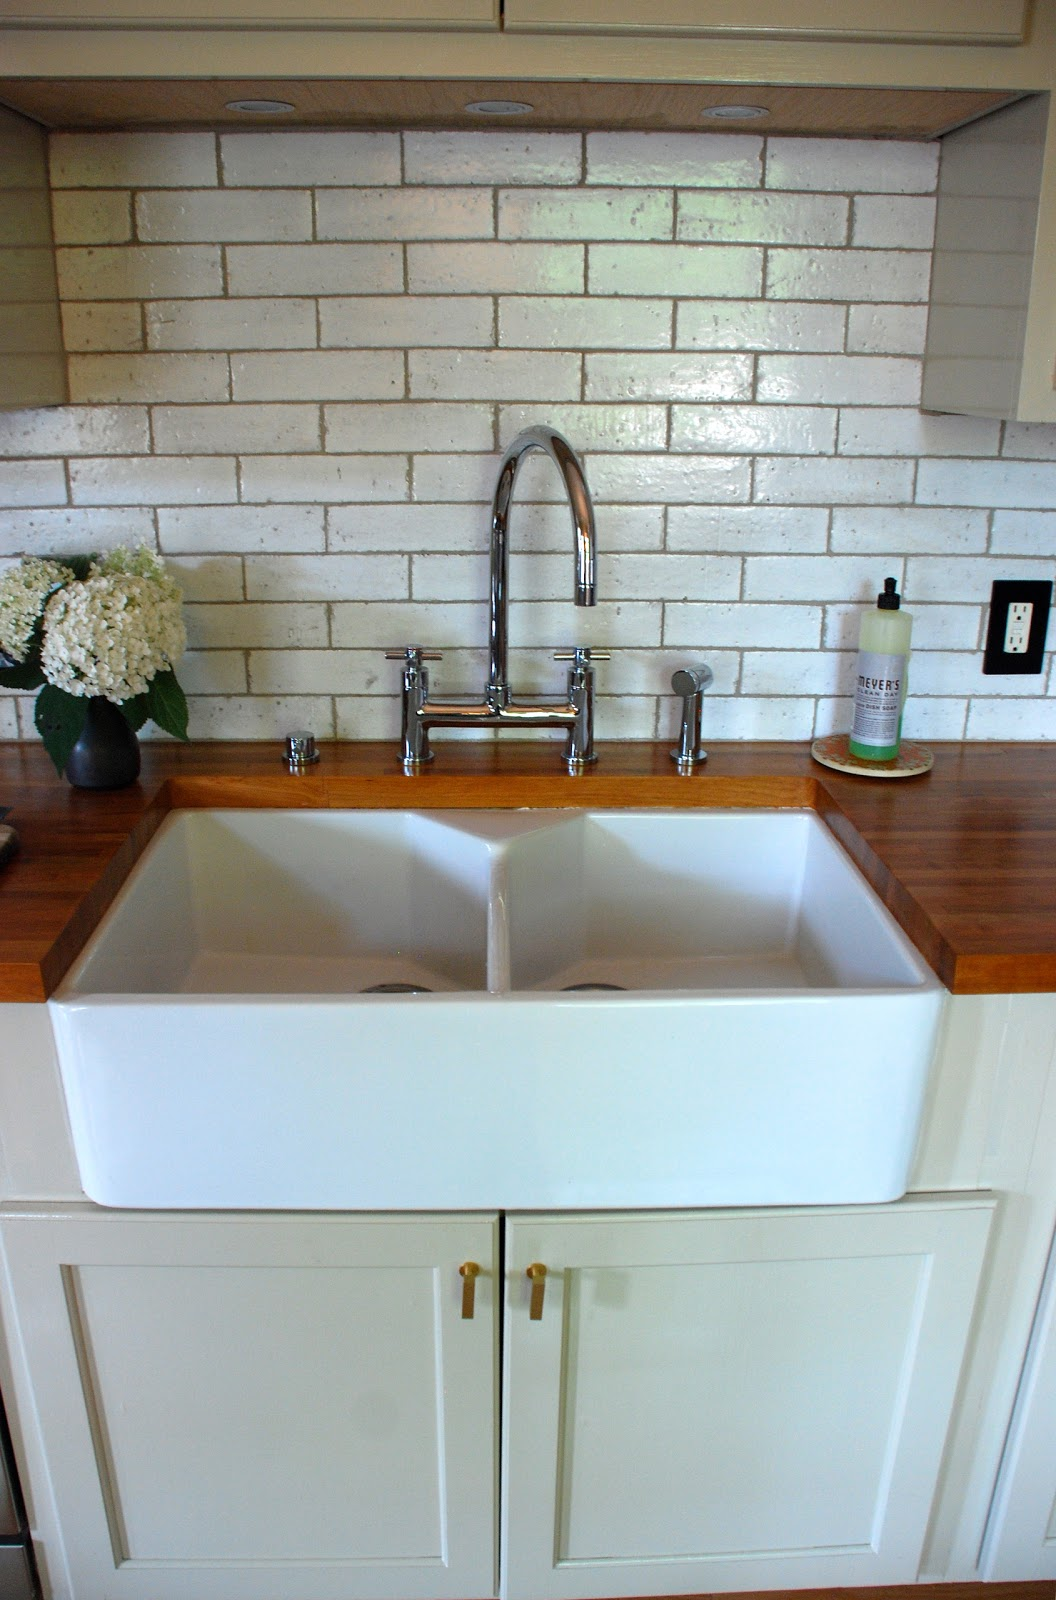 armas design kitchen done. Black Bedroom Furniture Sets. Home Design Ideas